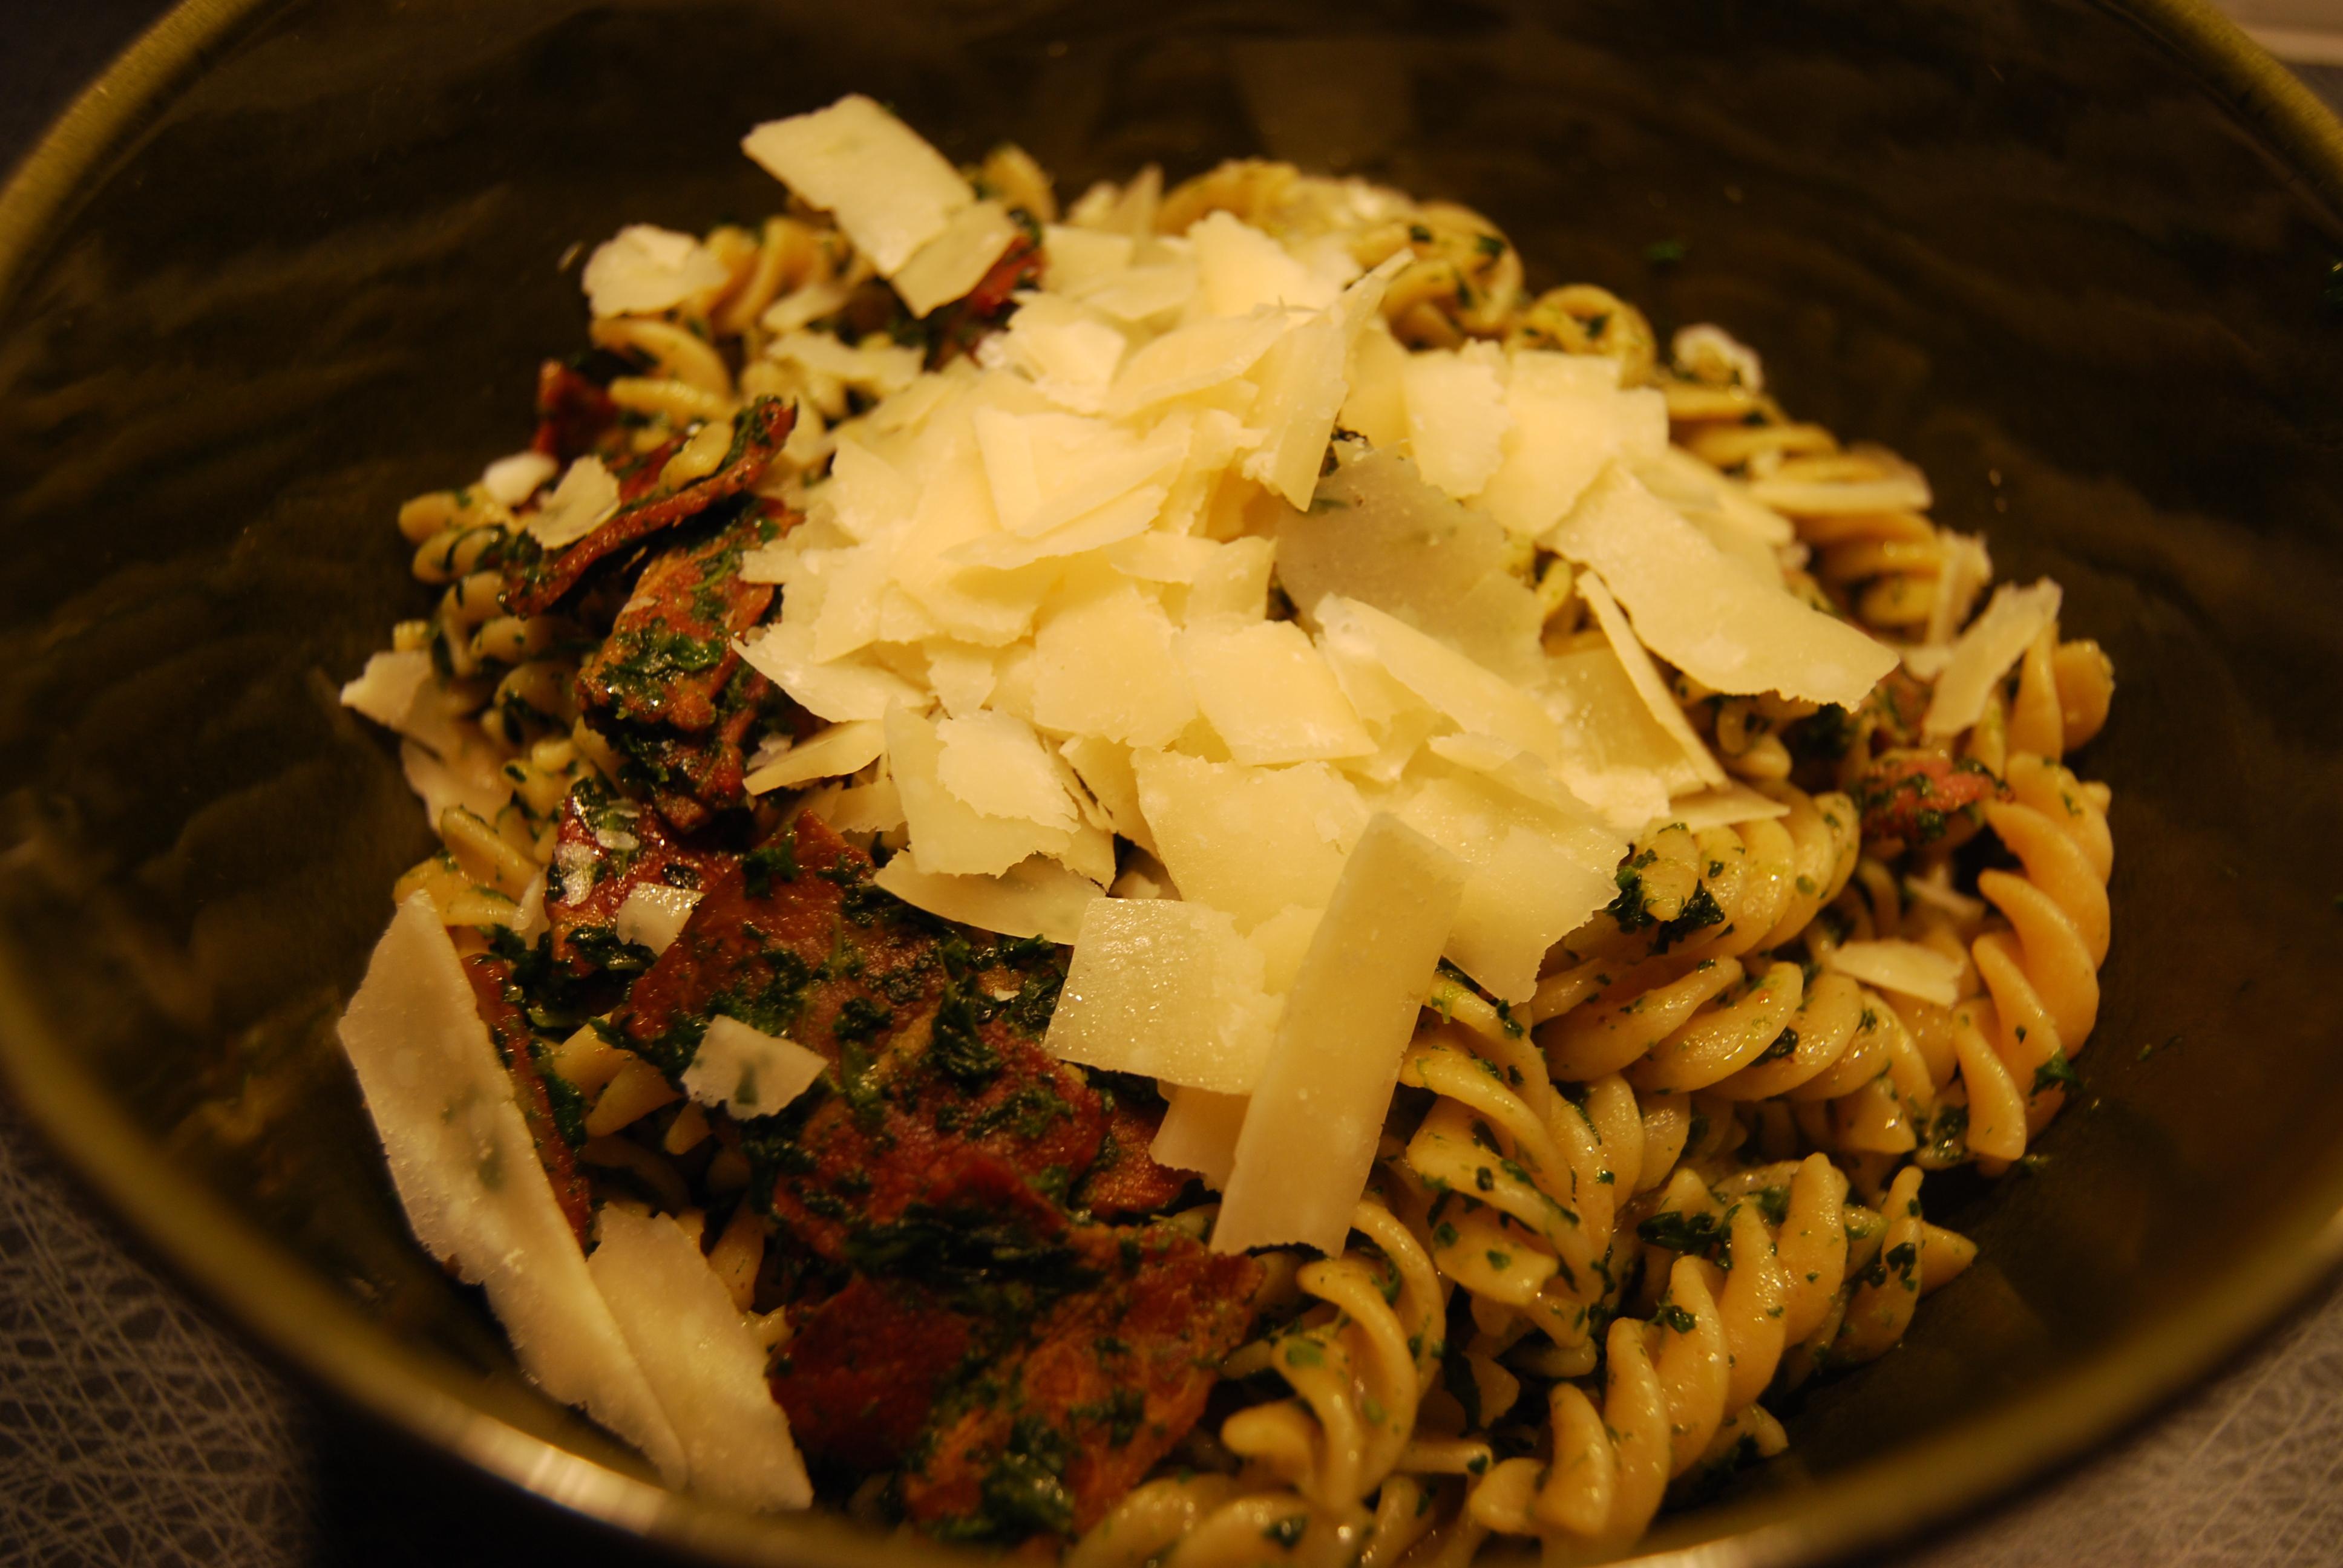 världens godaste pasta